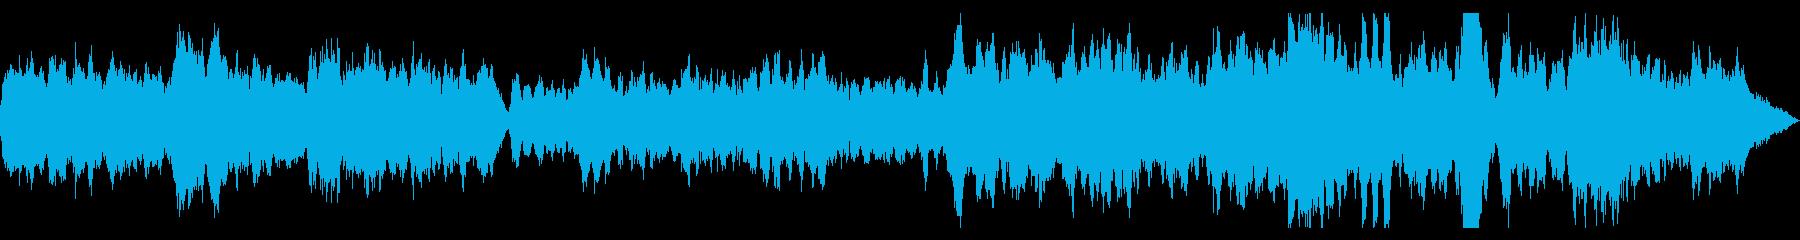 ヘンデルのオンブラ・マイ・フ(カラオケ)の再生済みの波形